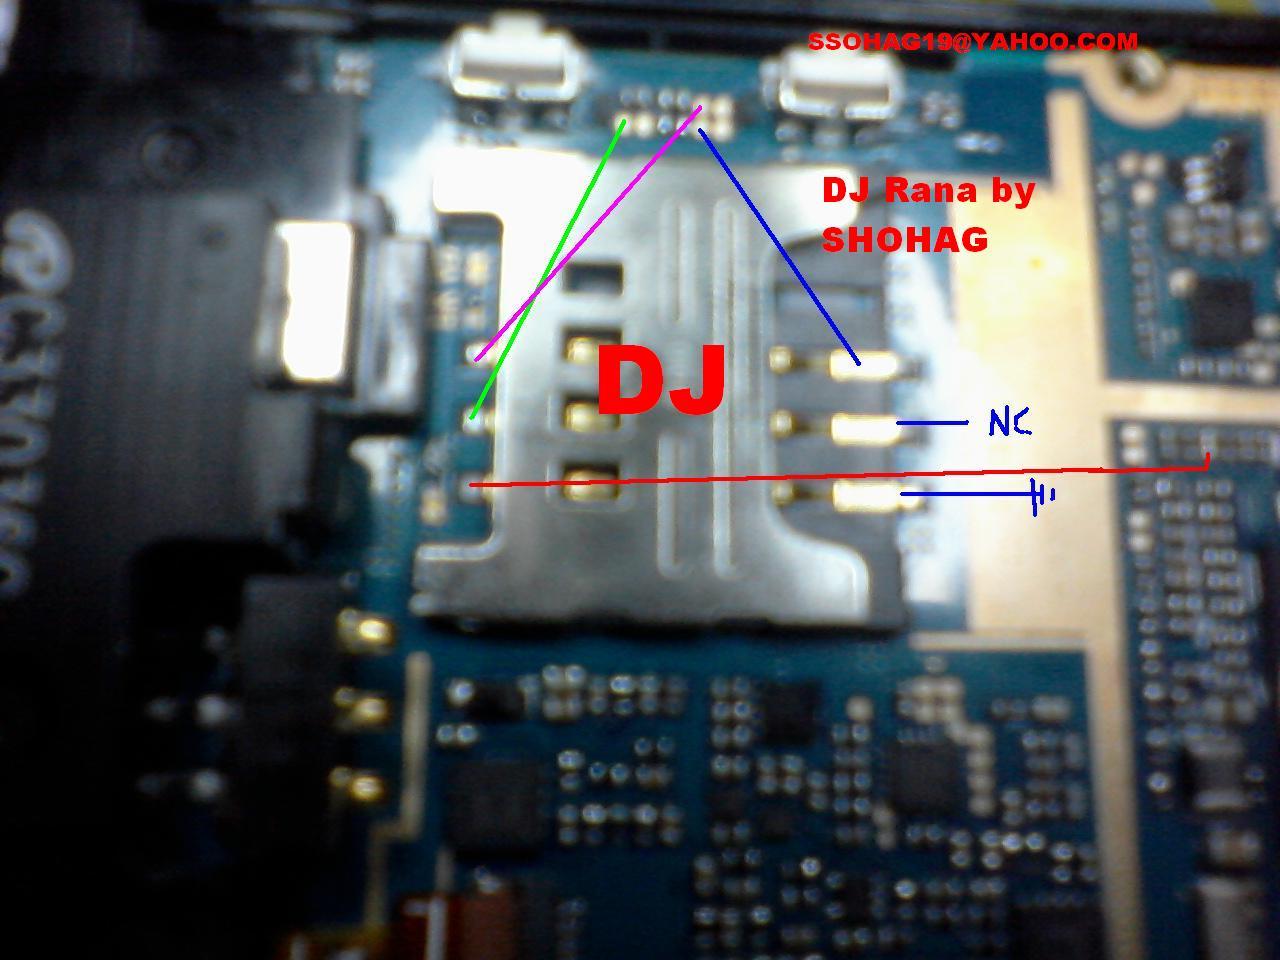 http://2.bp.blogspot.com/-XEuM1tb5-lU/Tviv88QNUFI/AAAAAAAABFw/OYGMVnzrLBI/s1600/Samsung%2Bc3303%2Bsim%2BSolution1.jpg